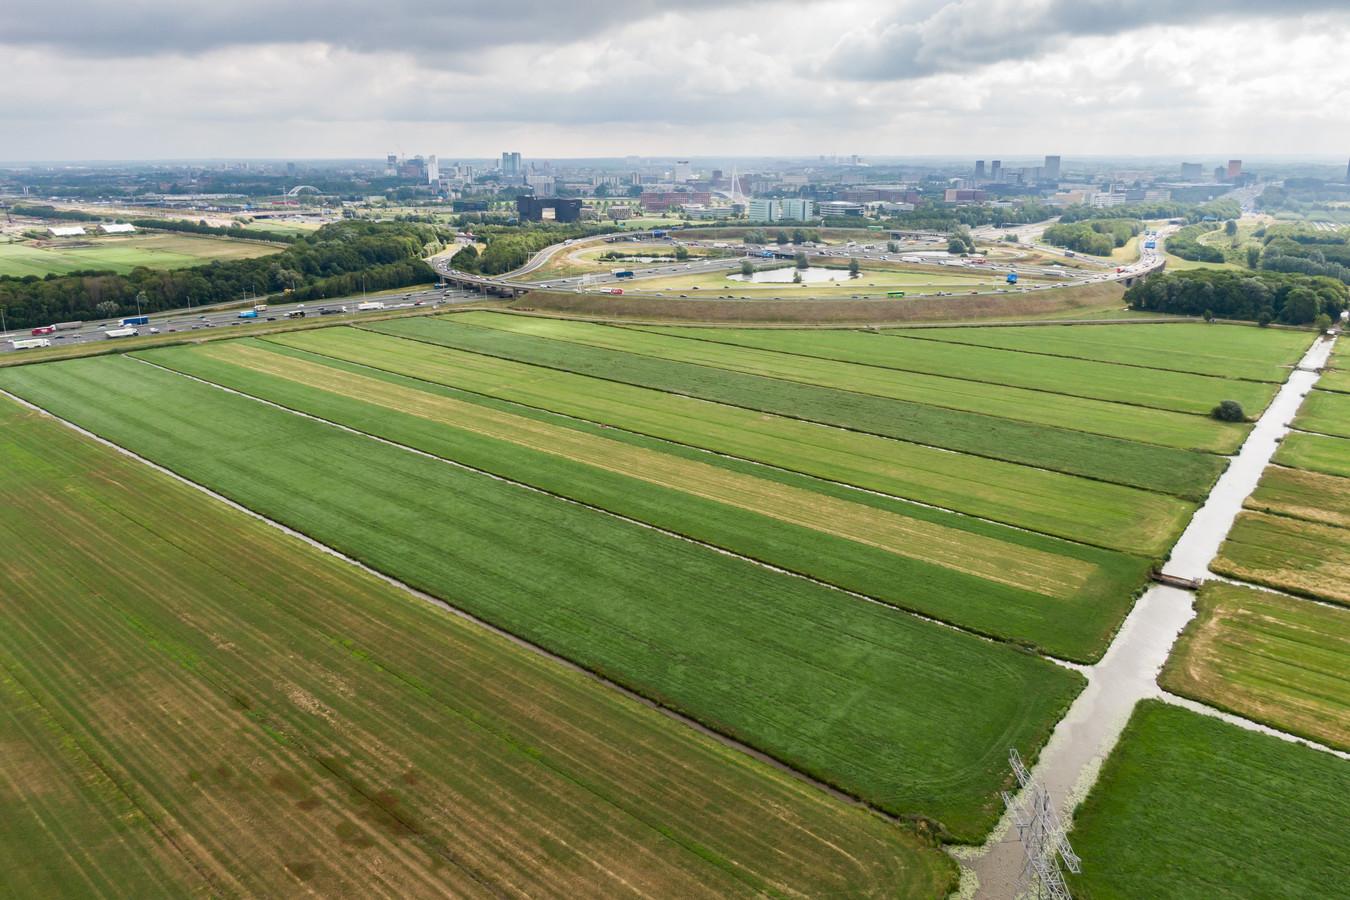 Polder Rijnenburg bestaat nu nog voornamelijk uit weiland. Volgens VVD-raadslid Tess Meerding moeten er ten minste 25.000 woningen gebouwd worden.